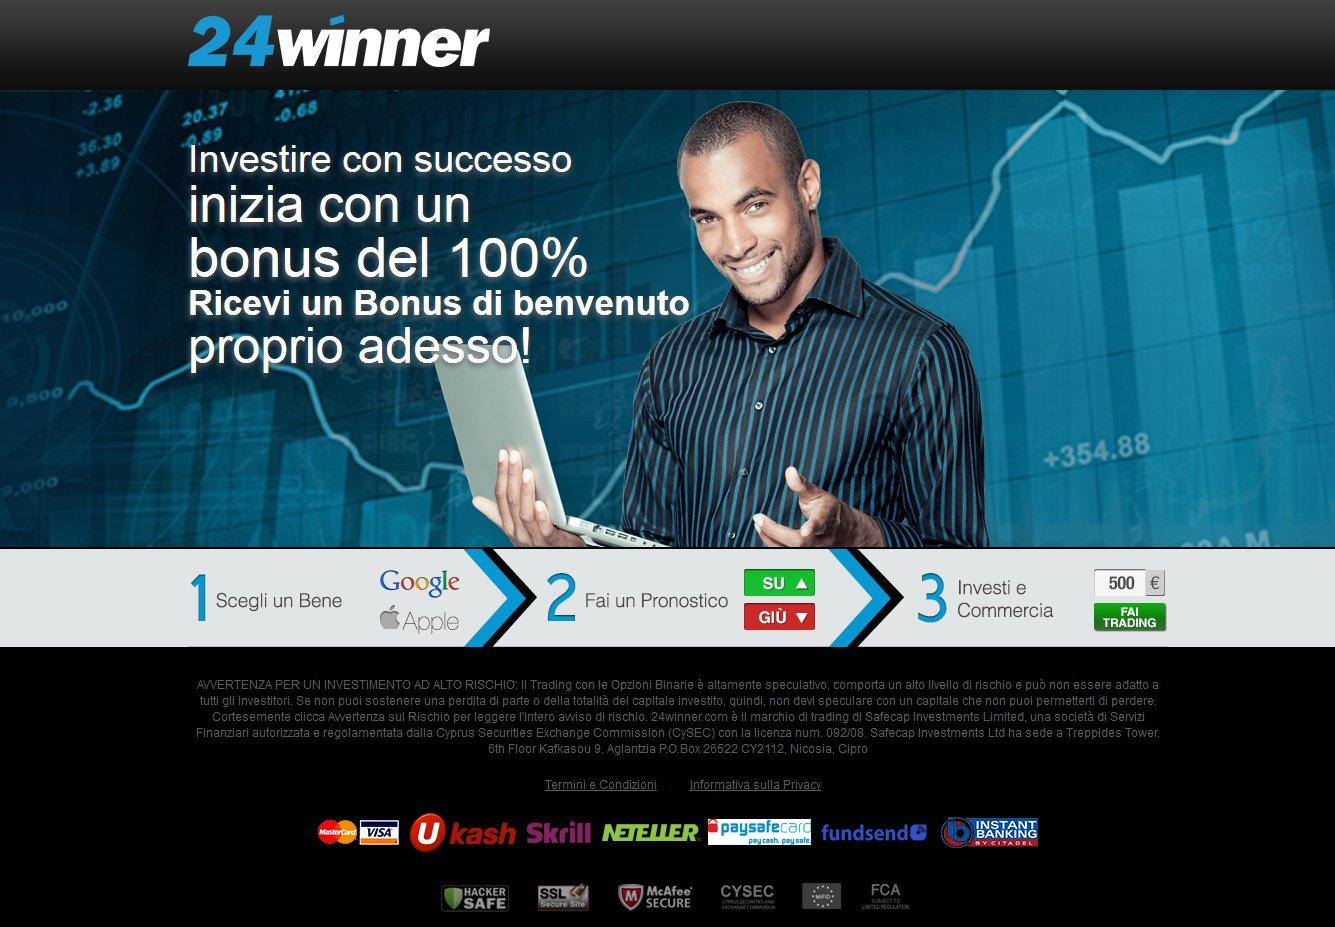 24winner Sito Web